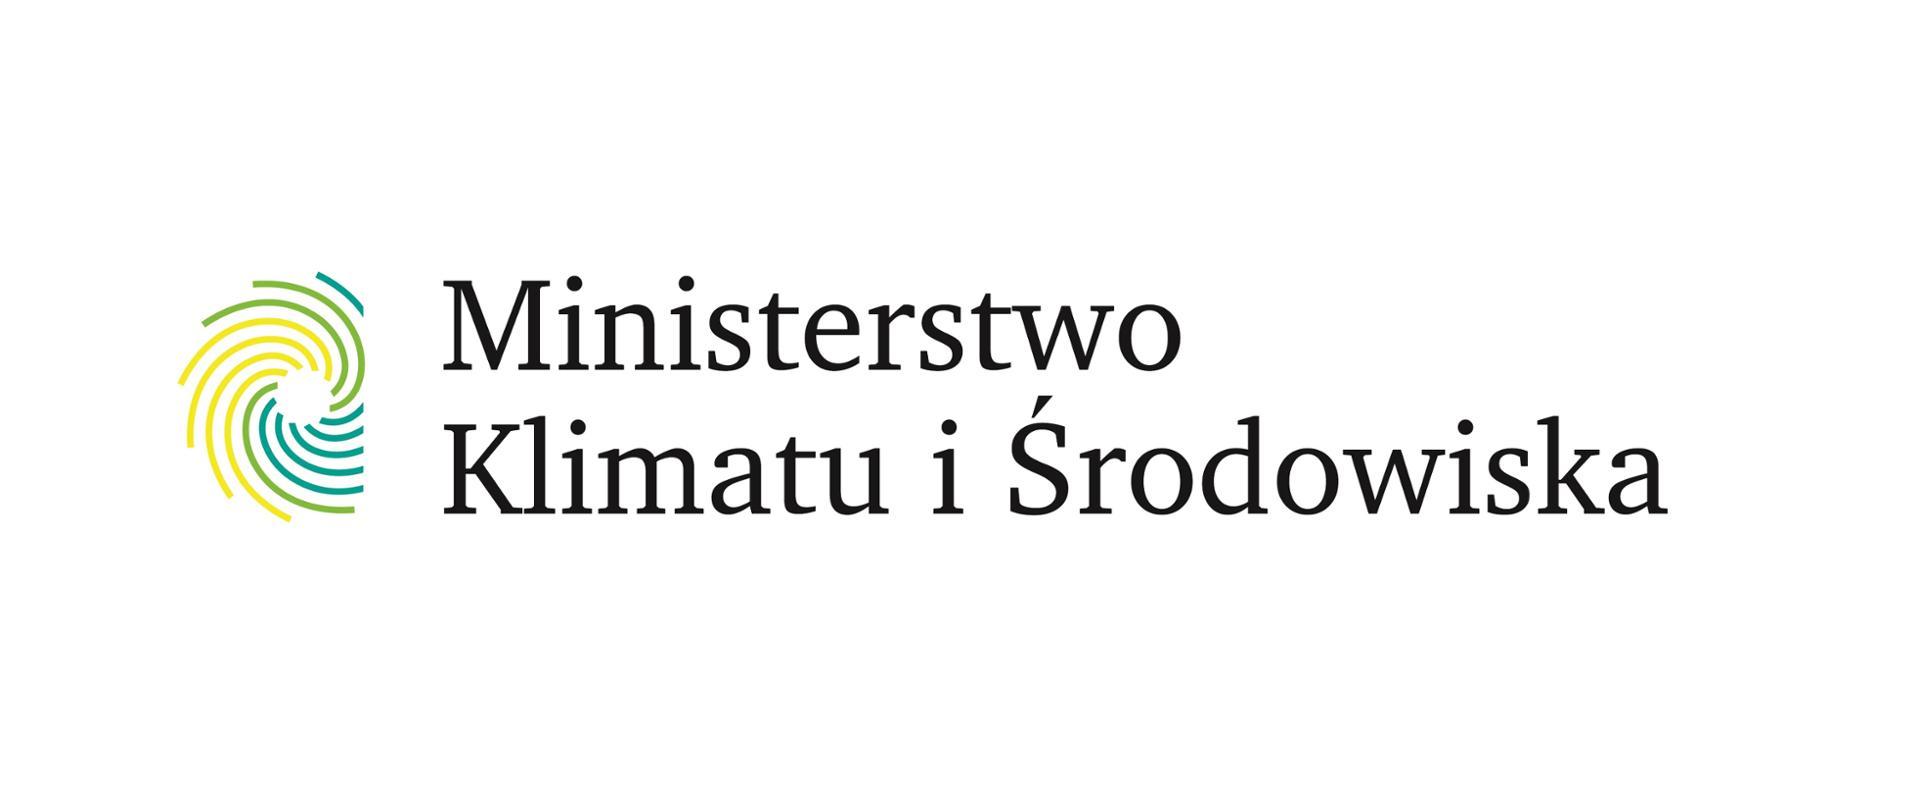 Logo Ministerstwa Klimatu i Środowiska. Białe tło - po lewej żółto-zielone logo rozety. Po prawej napis: Ministerstwo Klimatu i Środowiska.